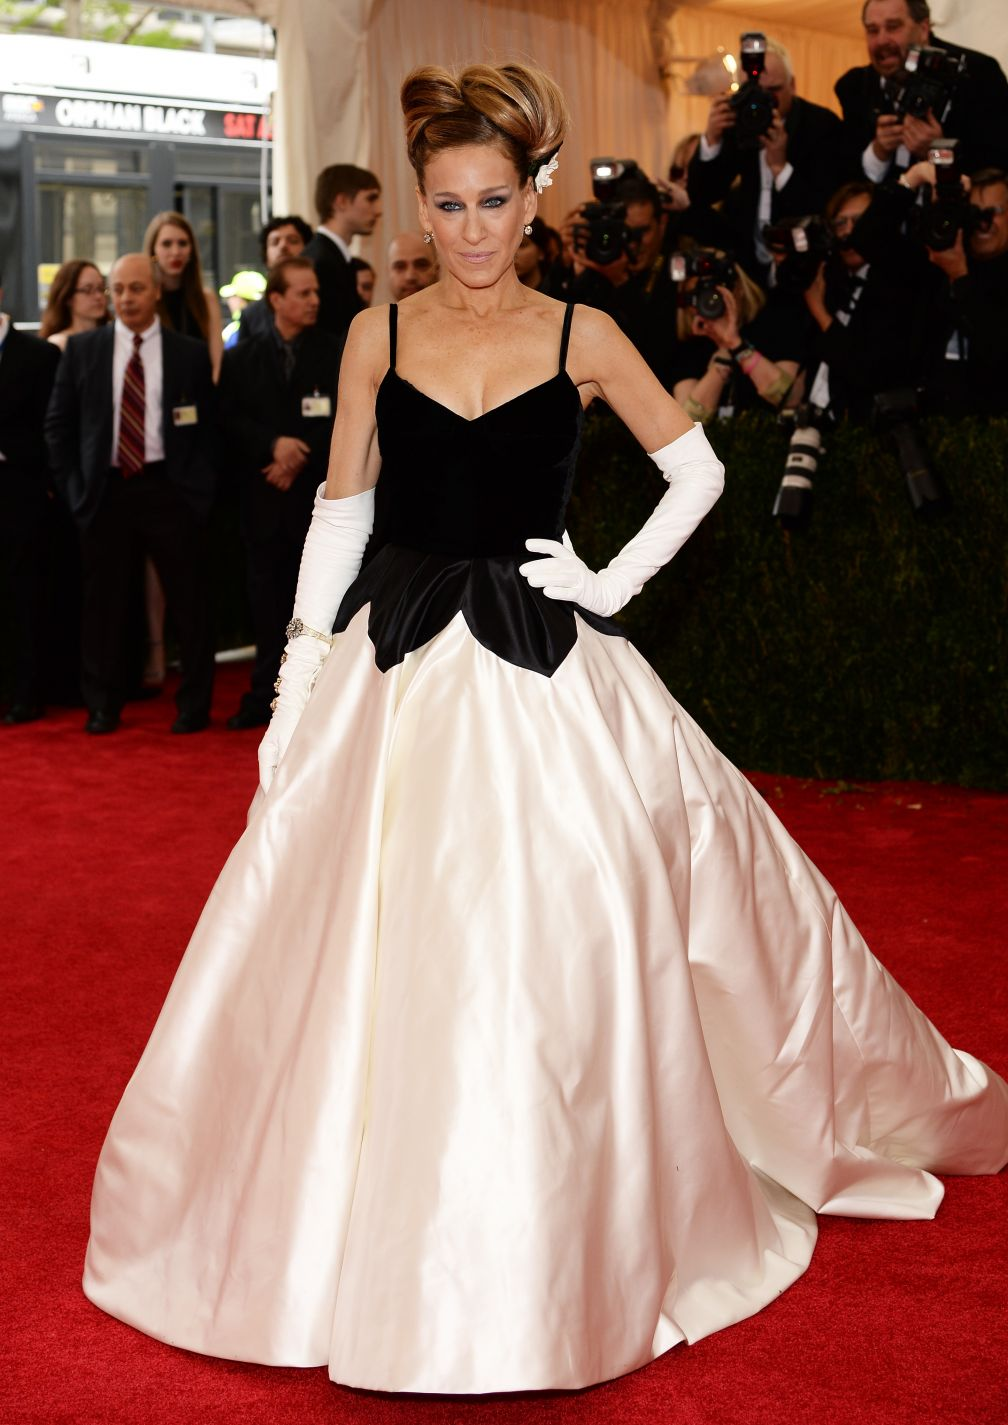 sarah jessica parker dans une robe splendide sur le tapis rouge